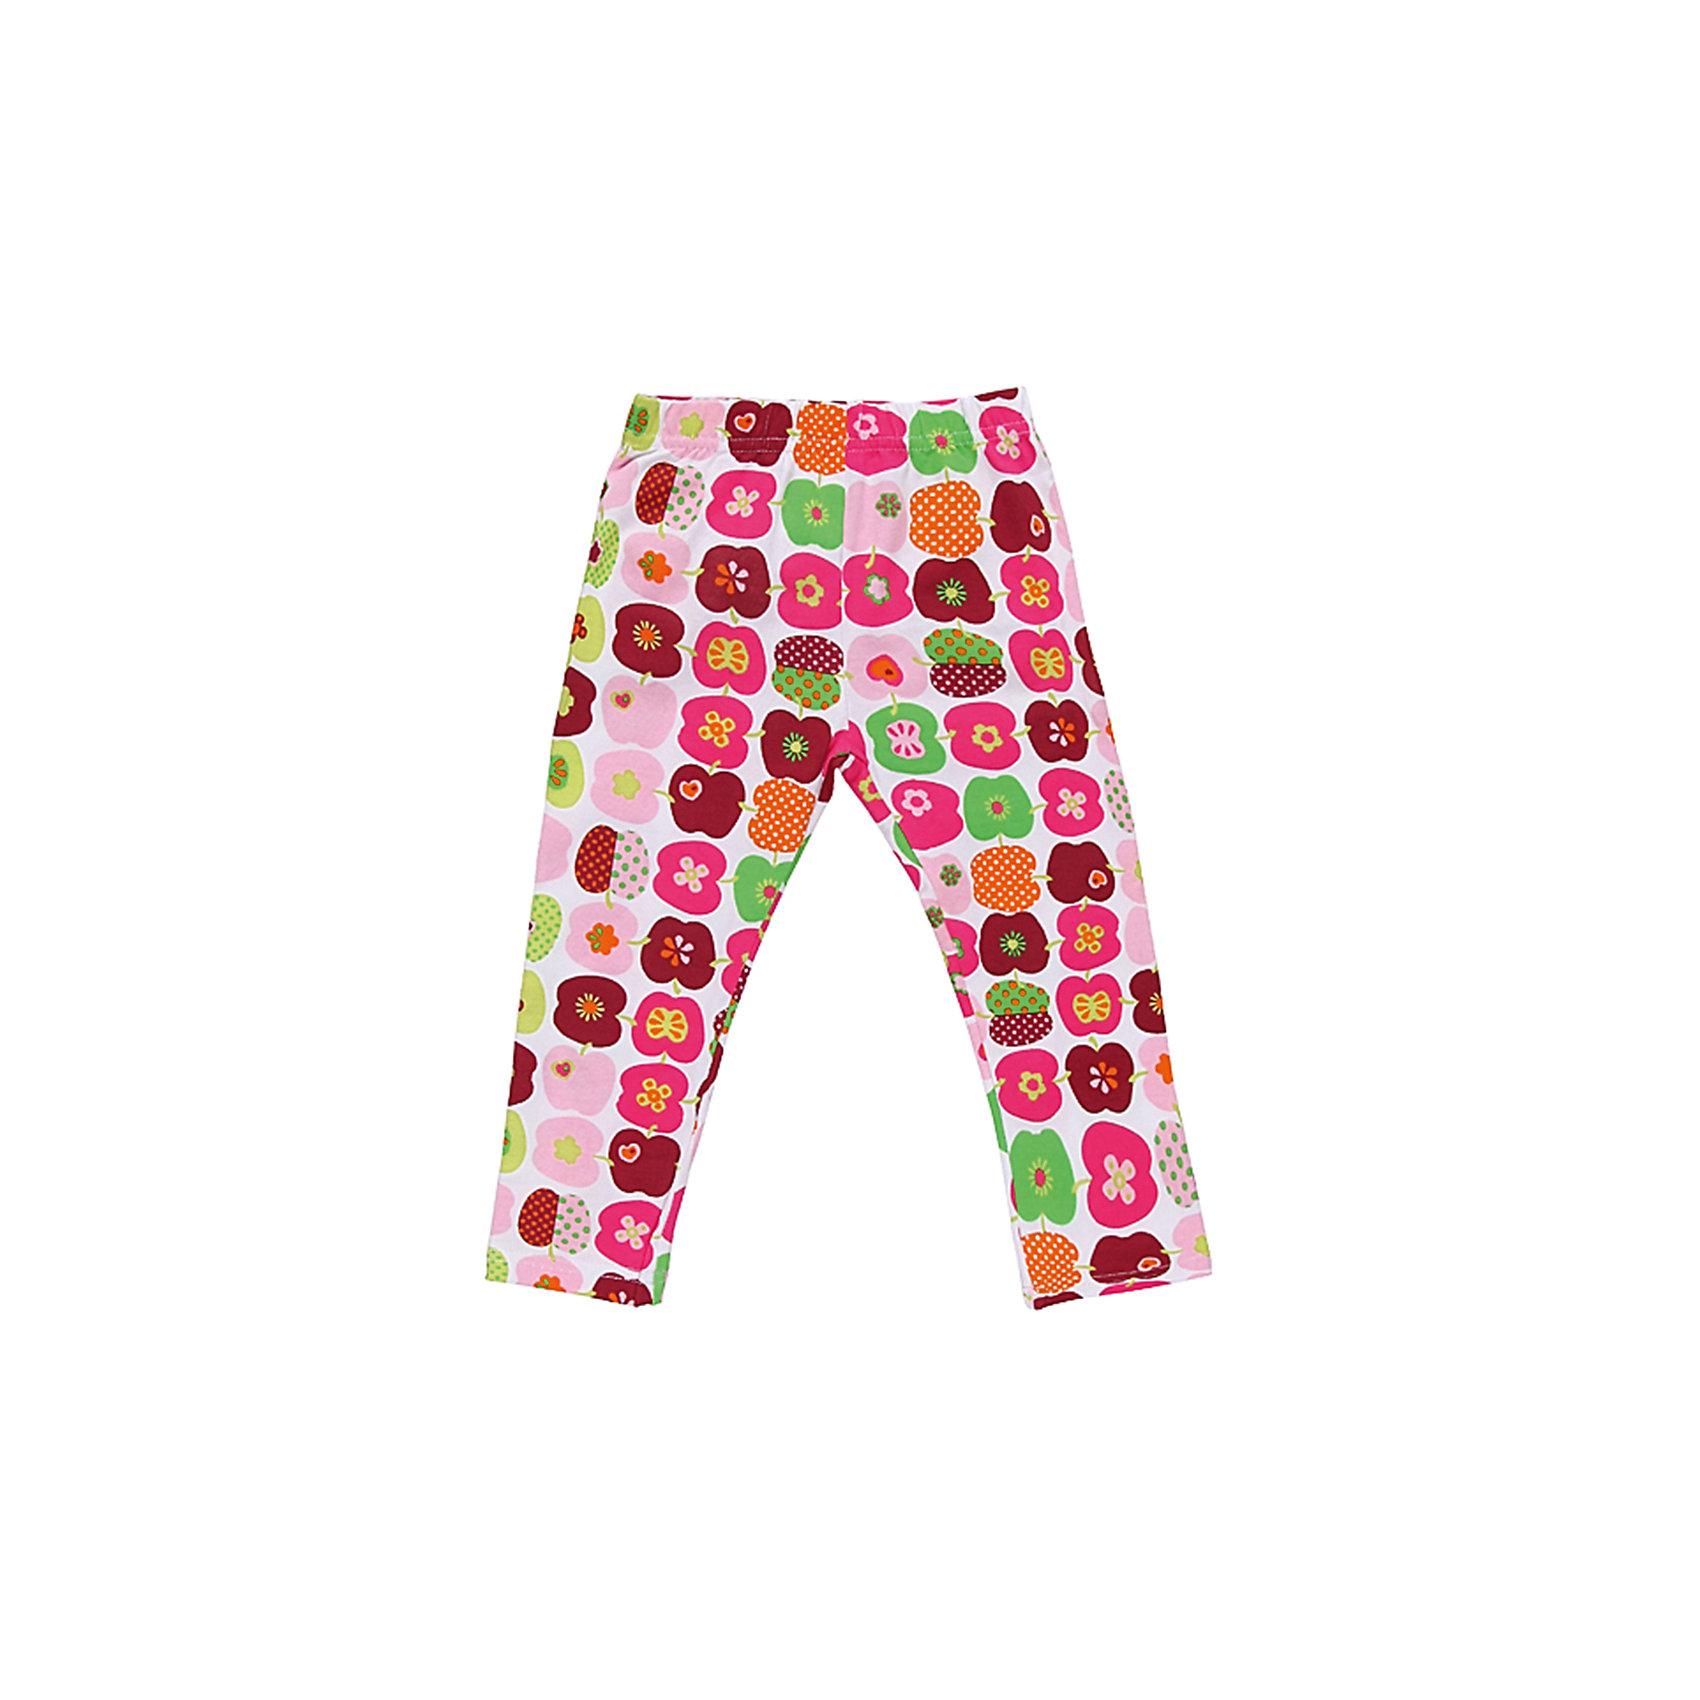 Леггинсы для девочки Sweet BerryЯркие Леггинсы из эластичного трикотажа.Украшены декоративной сборкой.<br>Состав:<br>95% хлопок, 5% эластан<br><br>Ширина мм: 123<br>Глубина мм: 10<br>Высота мм: 149<br>Вес г: 209<br>Цвет: разноцветный<br>Возраст от месяцев: 9<br>Возраст до месяцев: 12<br>Пол: Женский<br>Возраст: Детский<br>Размер: 80,86,98,92<br>SKU: 4520578